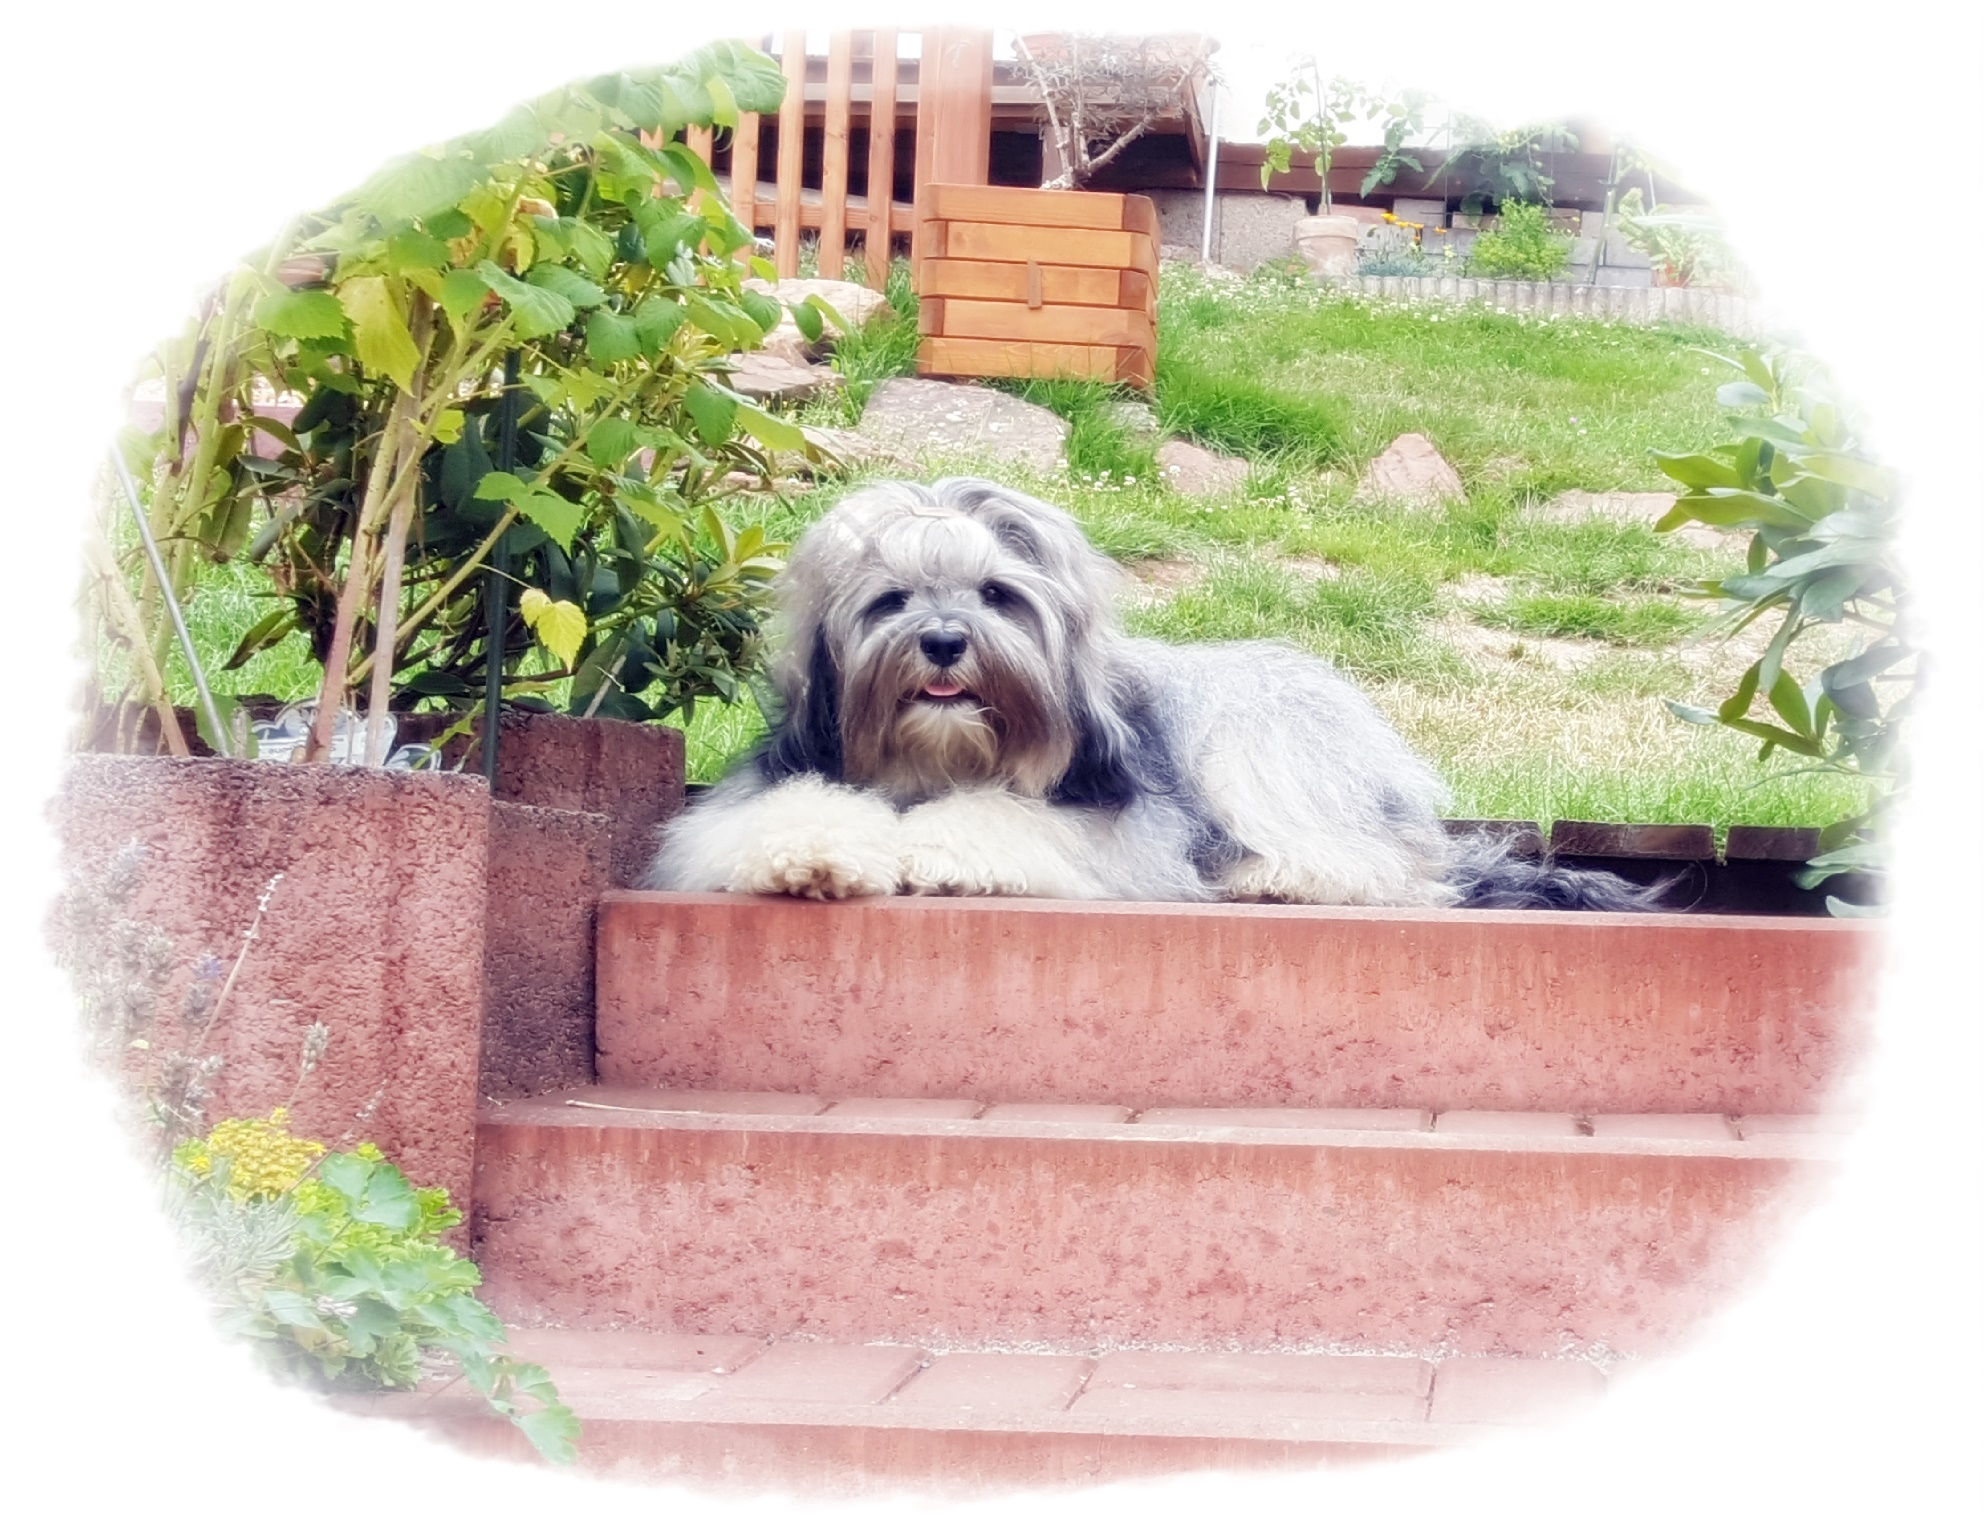 unsere Tempelwächterin trohnt auf ihrem Lieblingsplatz :-) Sie könnte draußen leben..